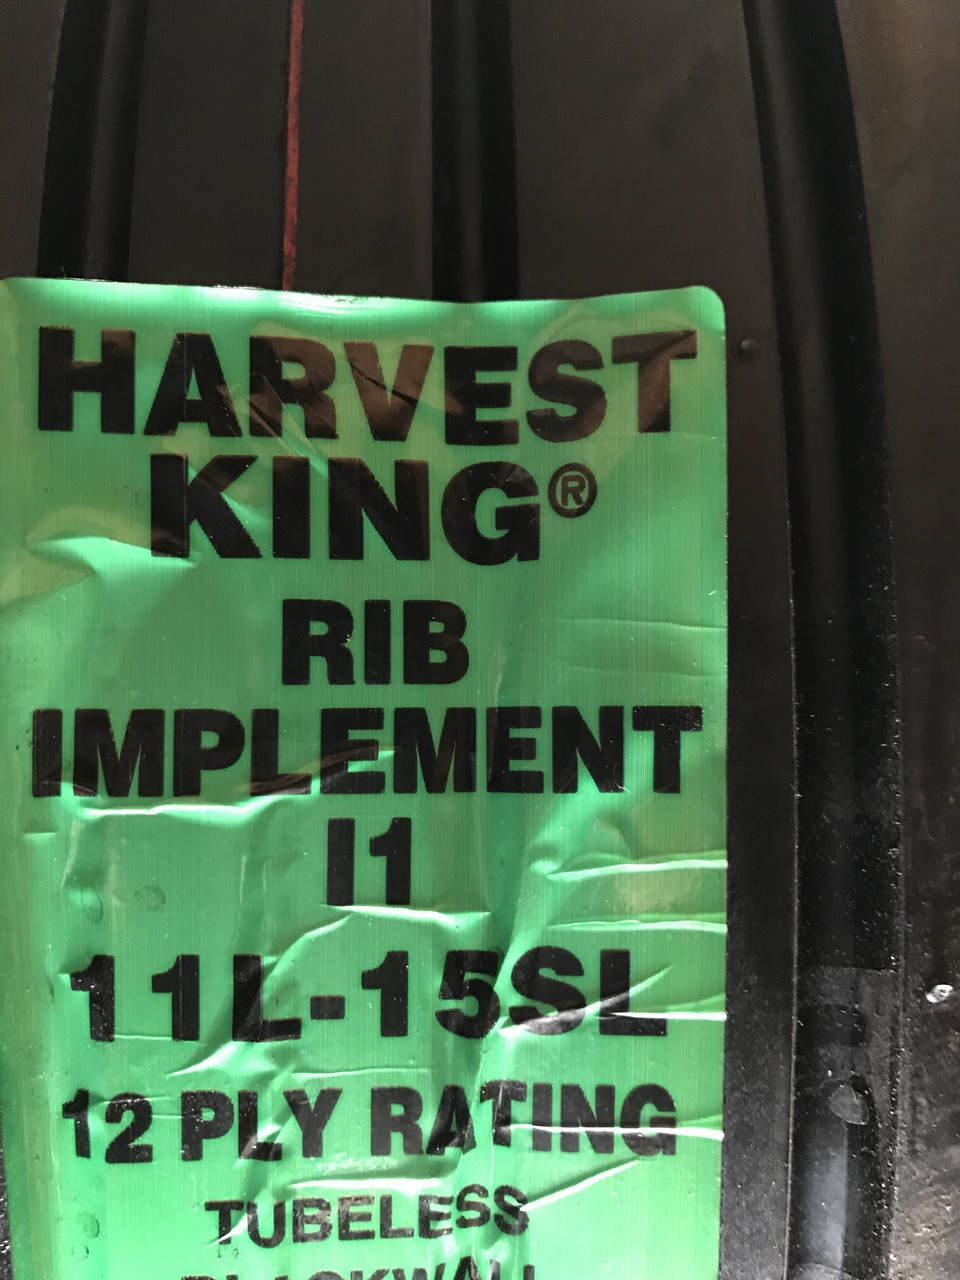 New Tire 11 L 15 Harvest King Rib Implement 12 Ply TL 11L-15